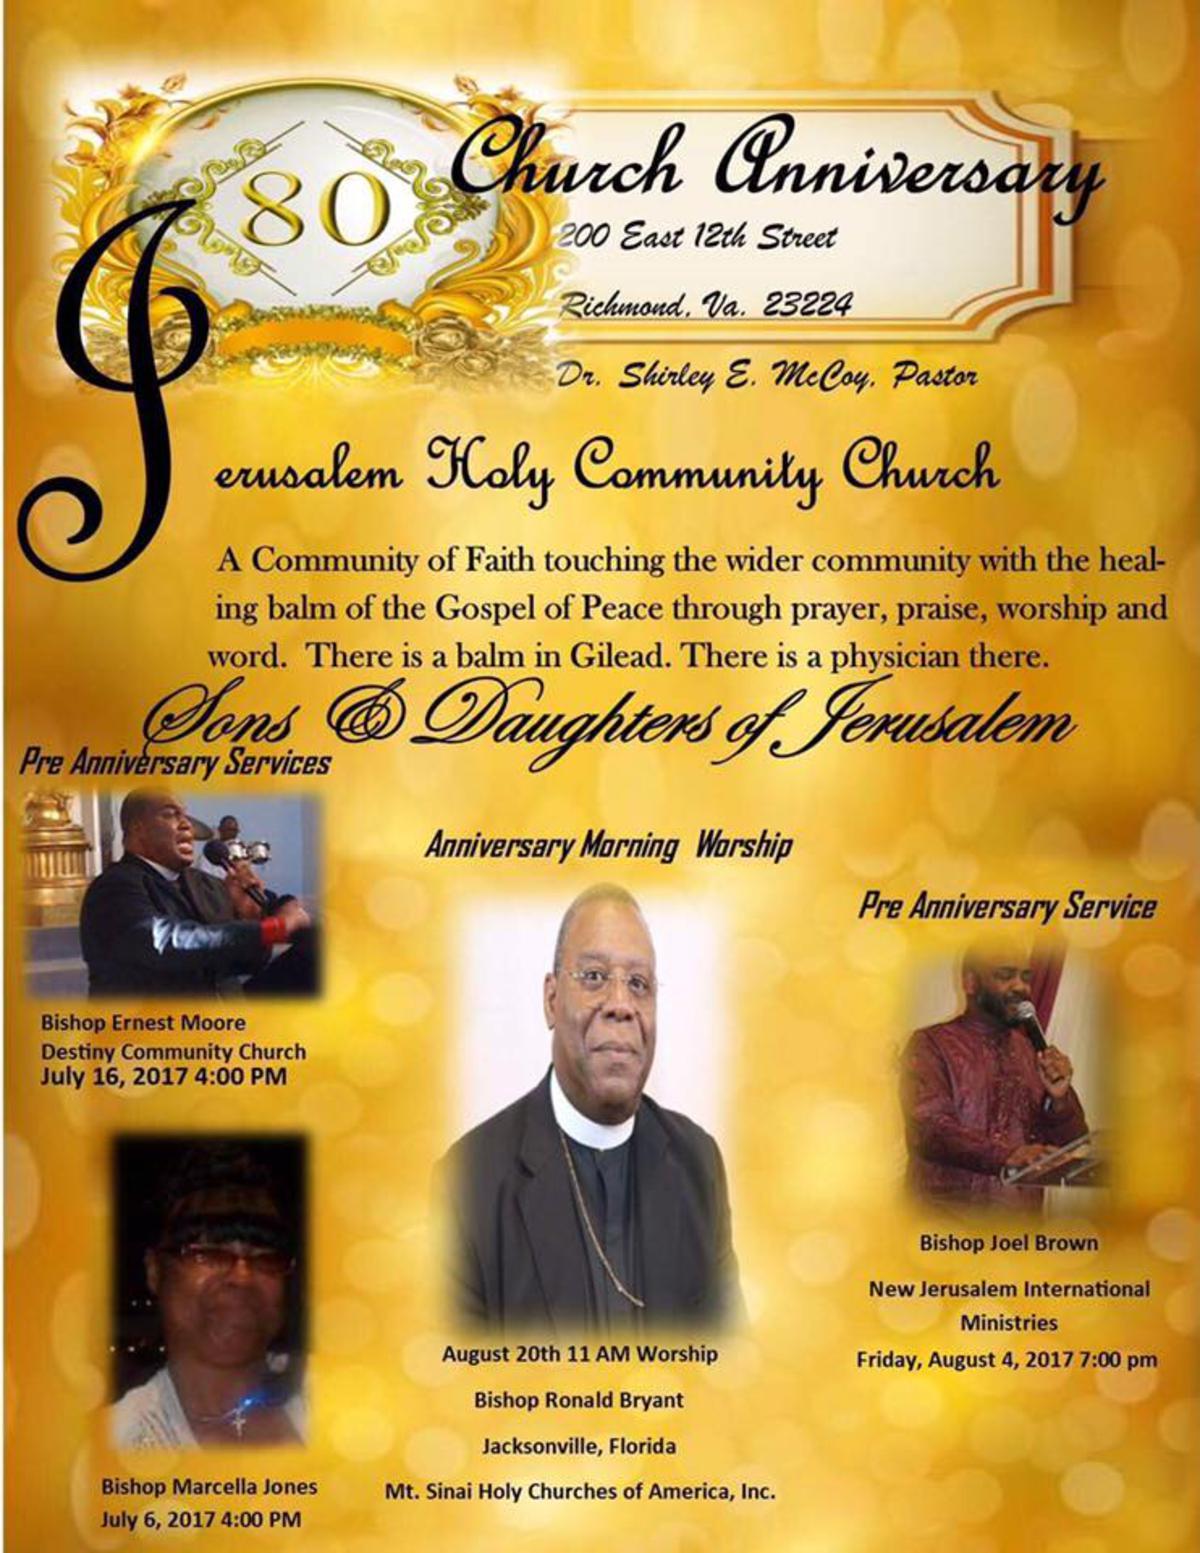 August 4th - Bishop Joel Brown - Speaker